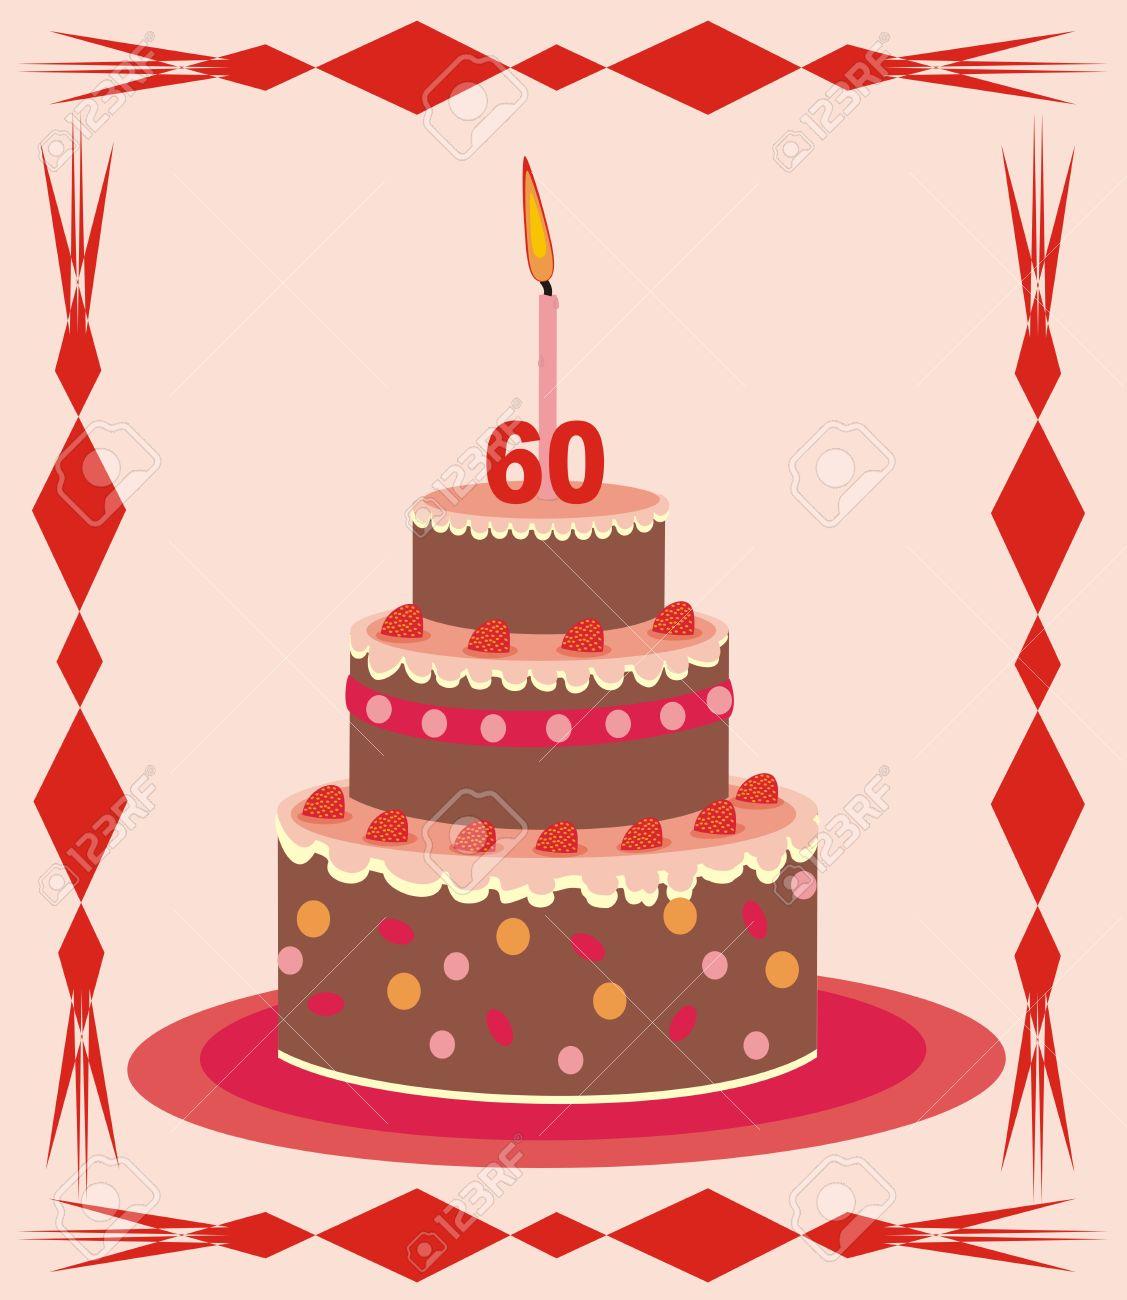 Image gateau d'anniversaire 60 ans